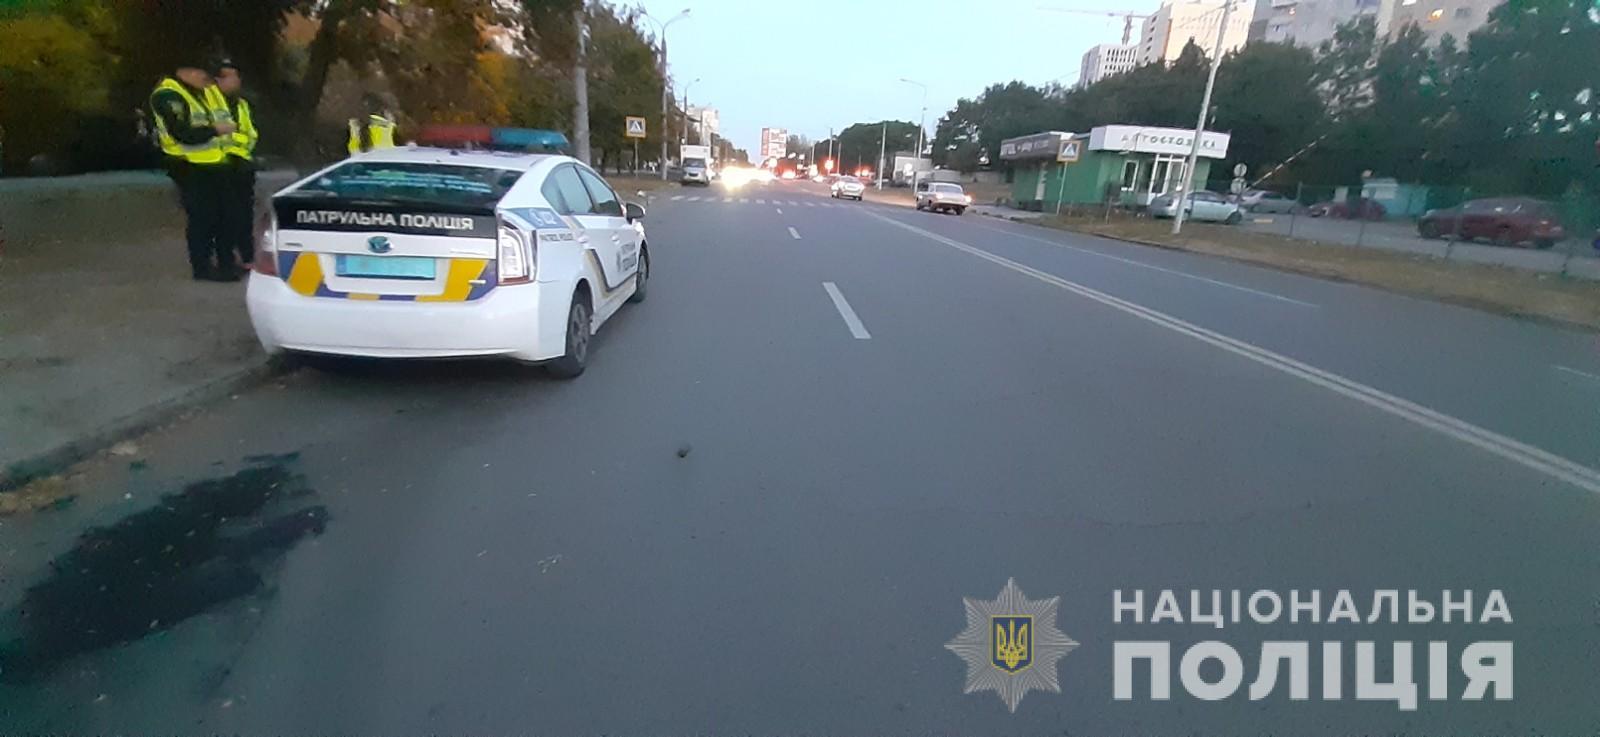 У Харкові водій збив маленького хлопчика і втік